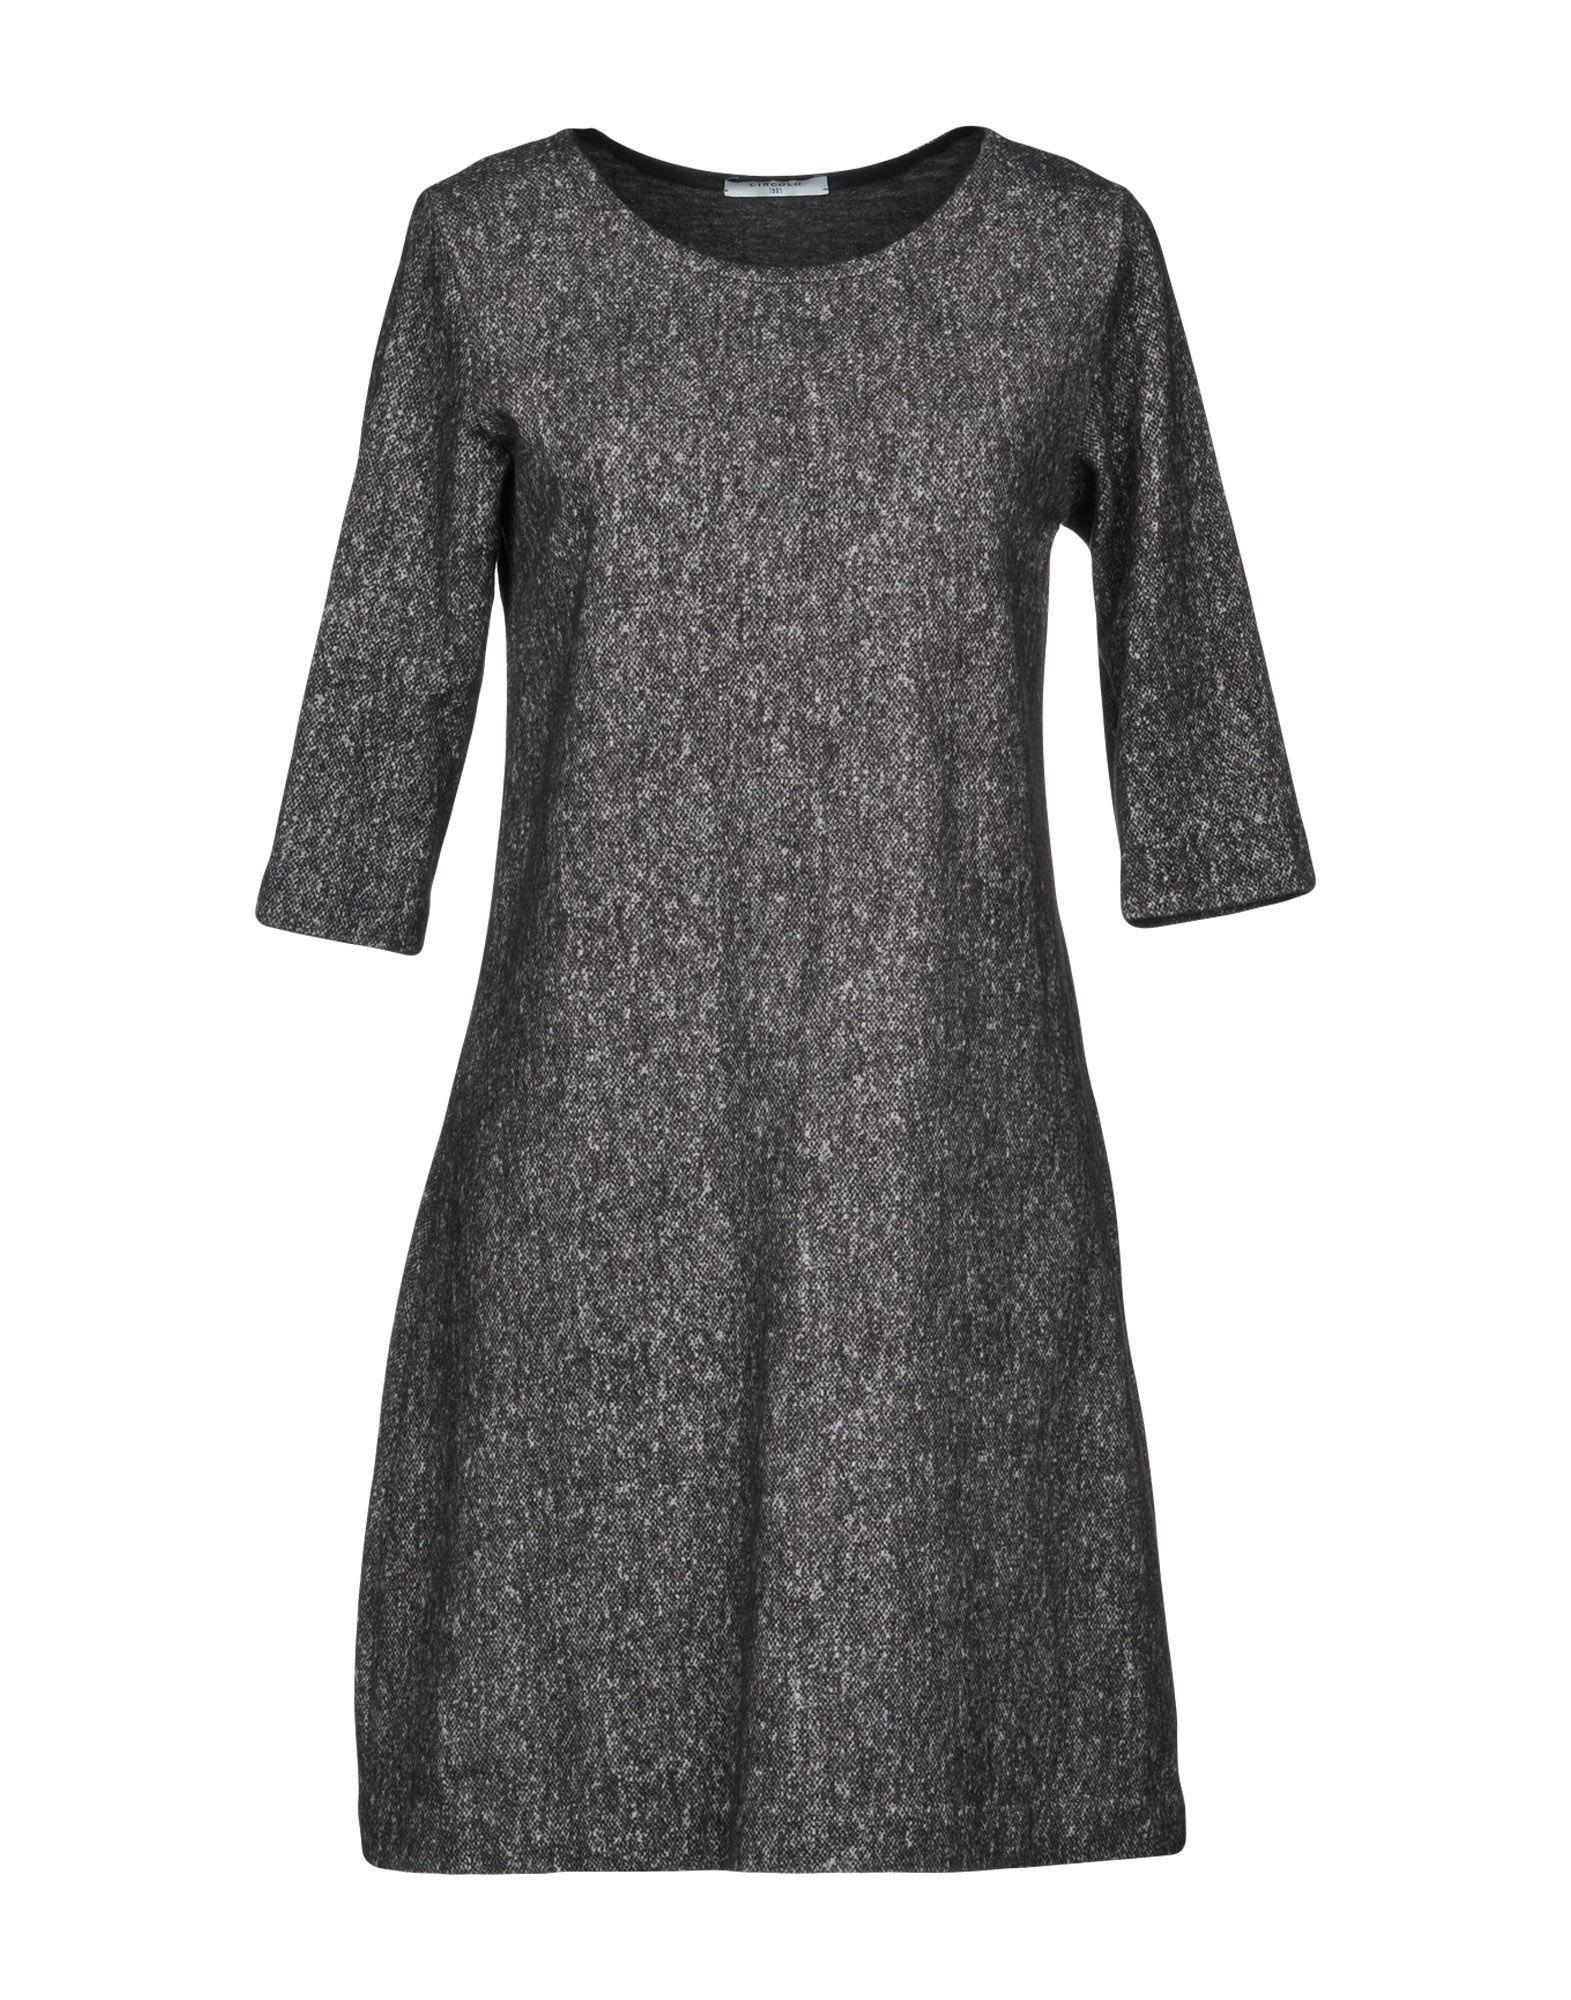 Circolo 1901 Short Dresses In Lead